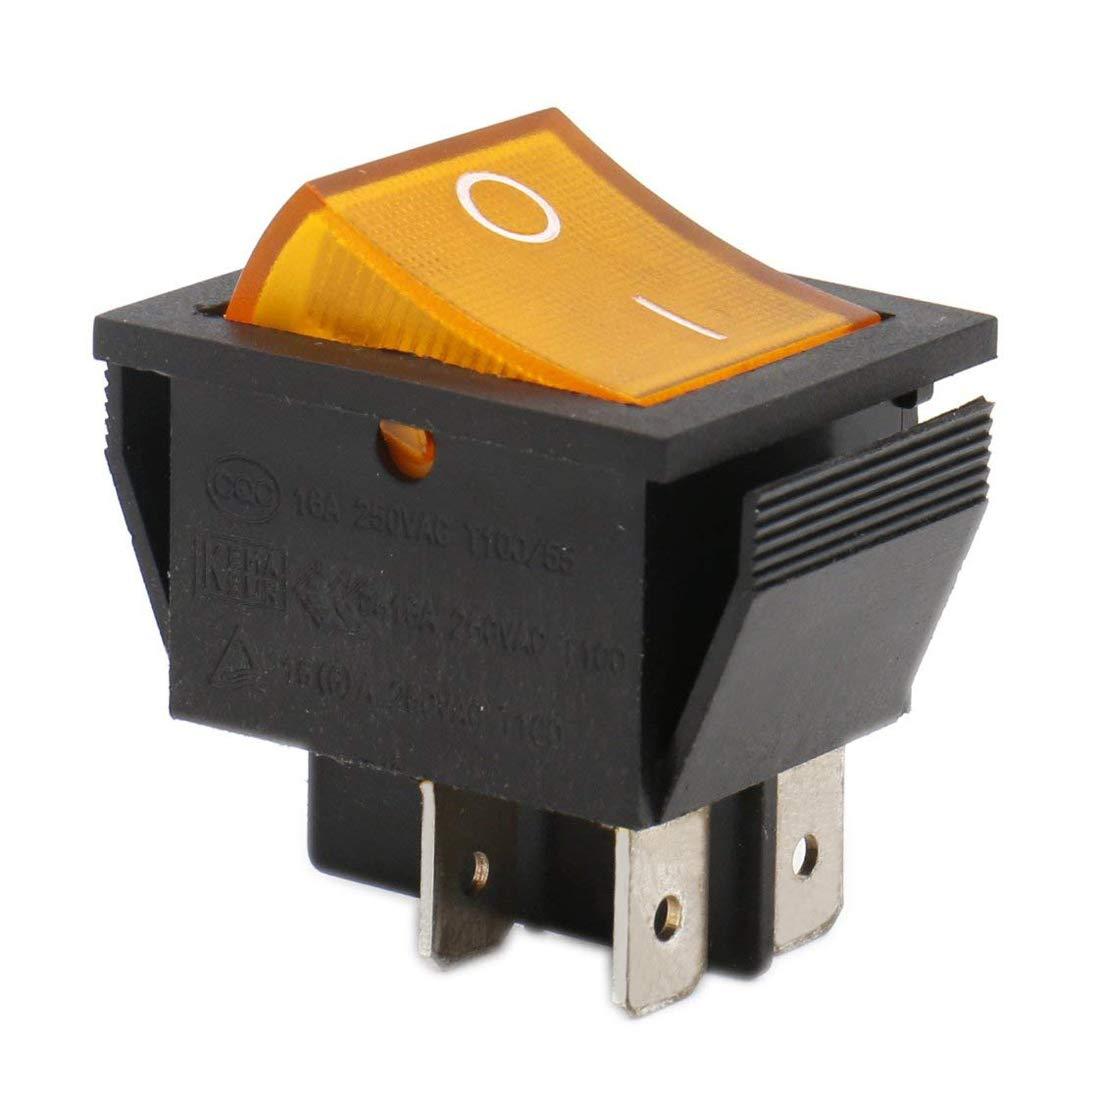 Heschen Interrupteur à bascule ON/OFF Dpst On-Off 4bornes lumière jaune 16A 250VAC Lot de 2 Ningbo Master Soken Electrical Co.Ltd RK1-01-HS-Y